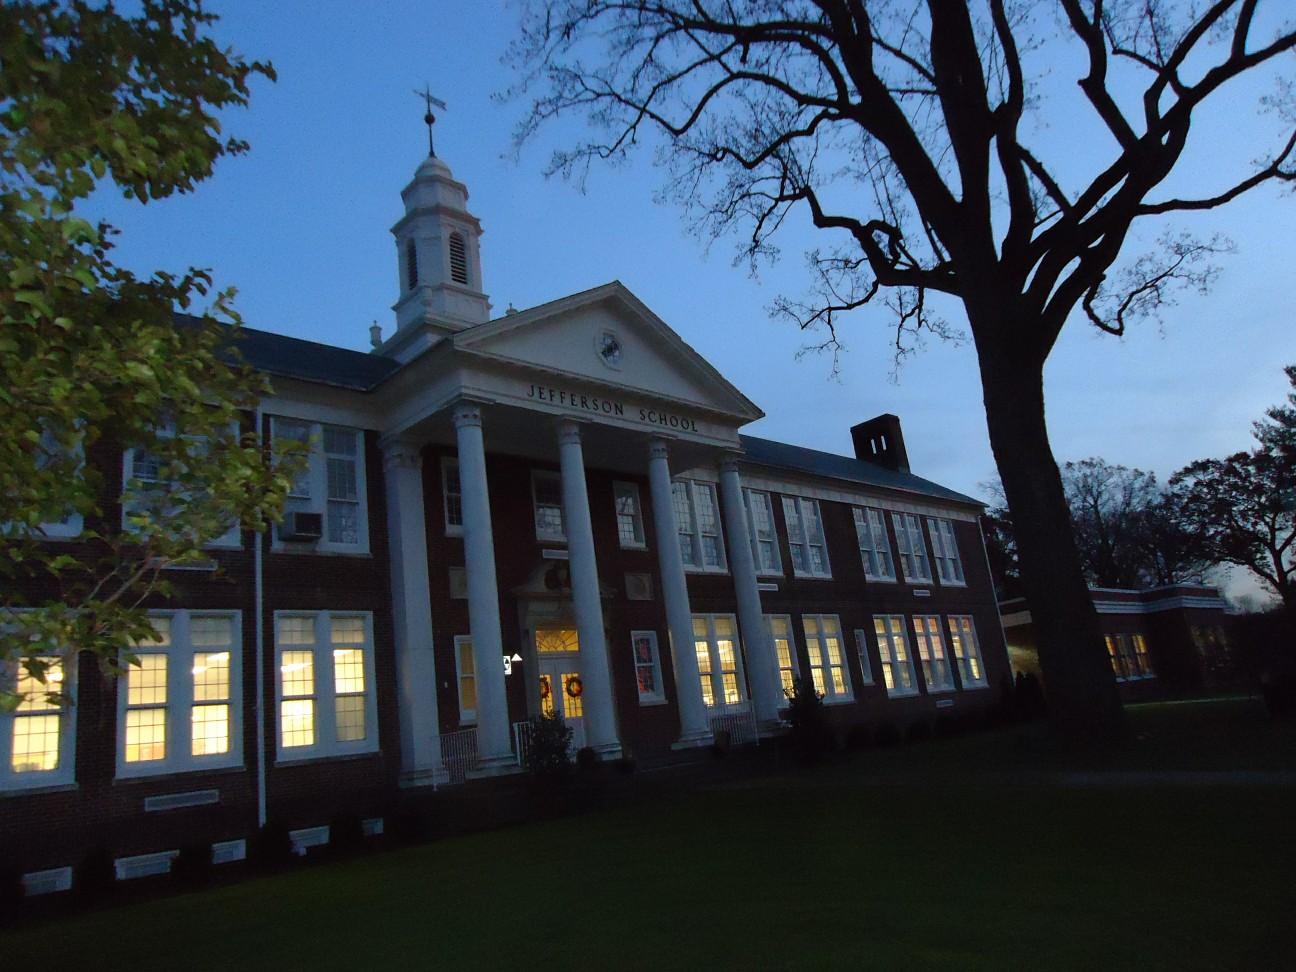 File:Jefferson elementary school Summit NJ.jpg